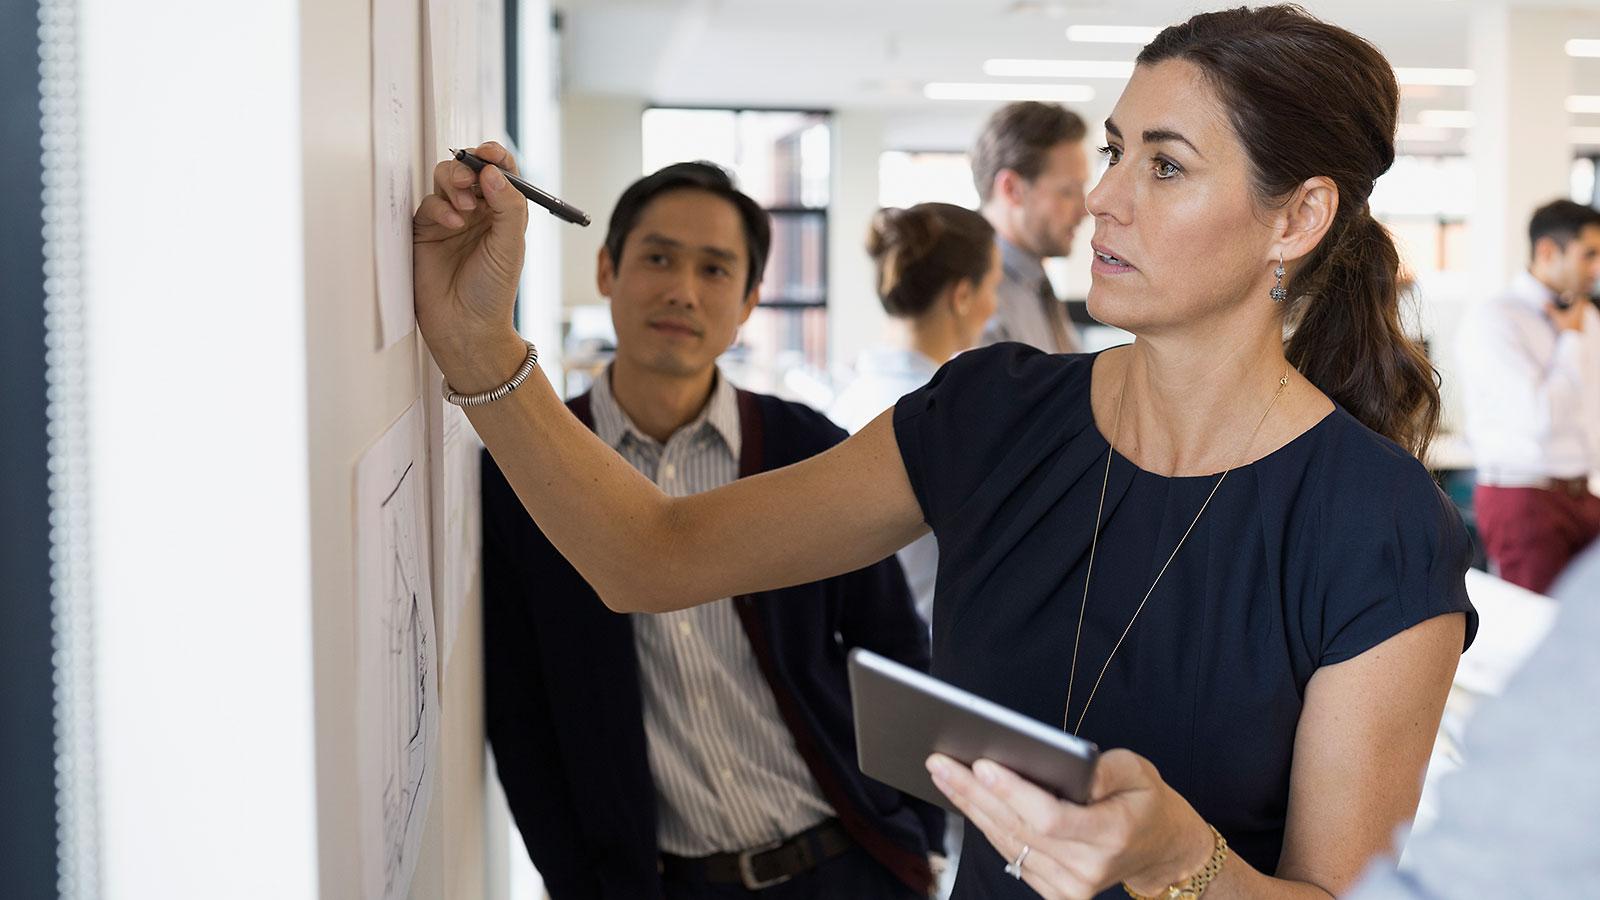 Forretningskvinne skriver på whiteboard og holder nettbrett i den ene hånden mens mannlig kollega følger med.